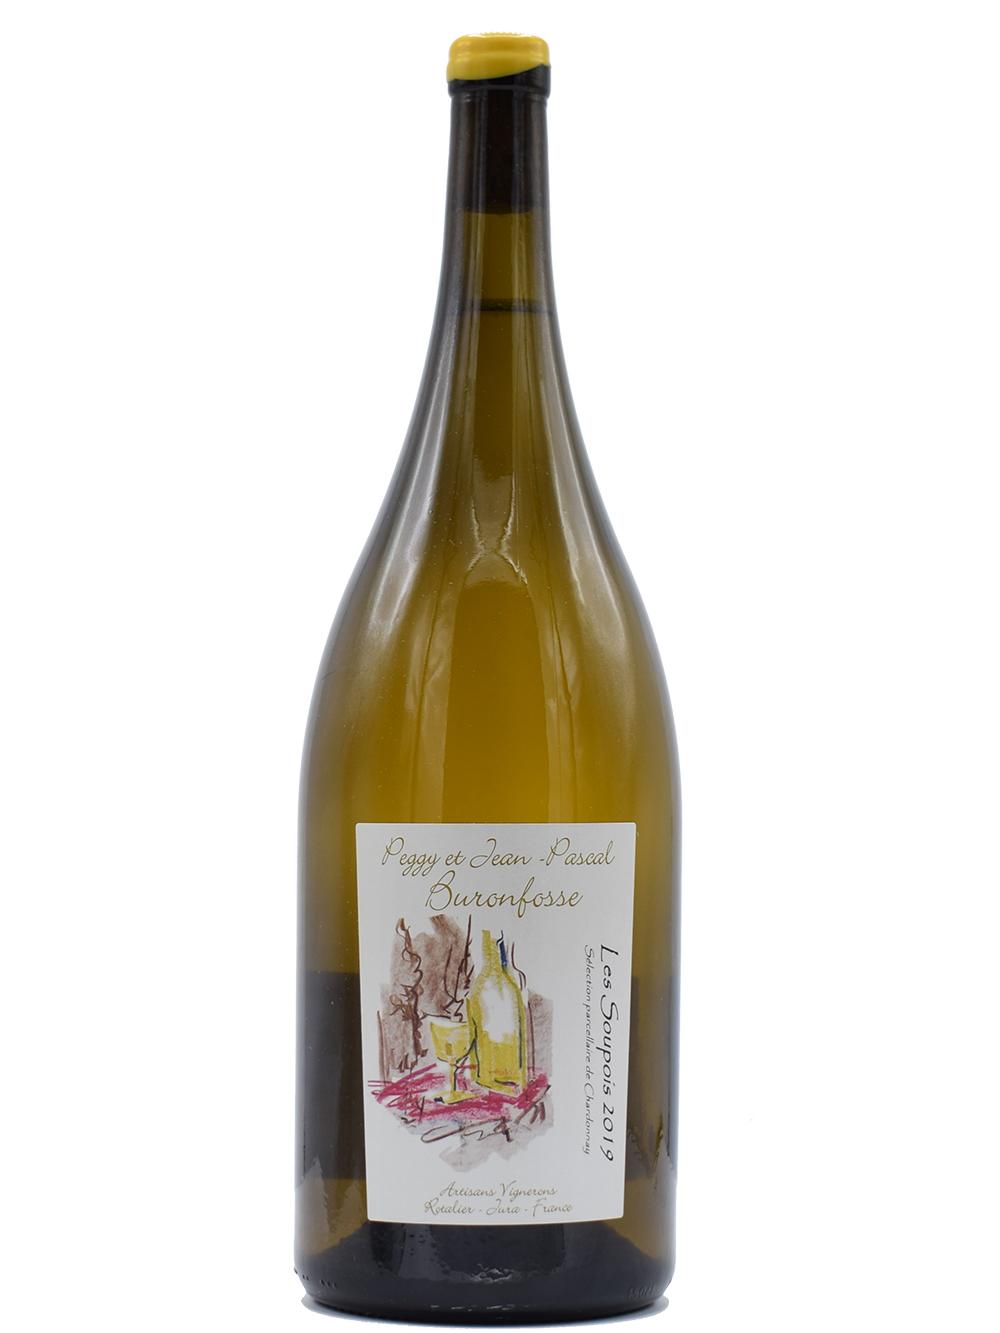 Les Soupois chardonnay magnum